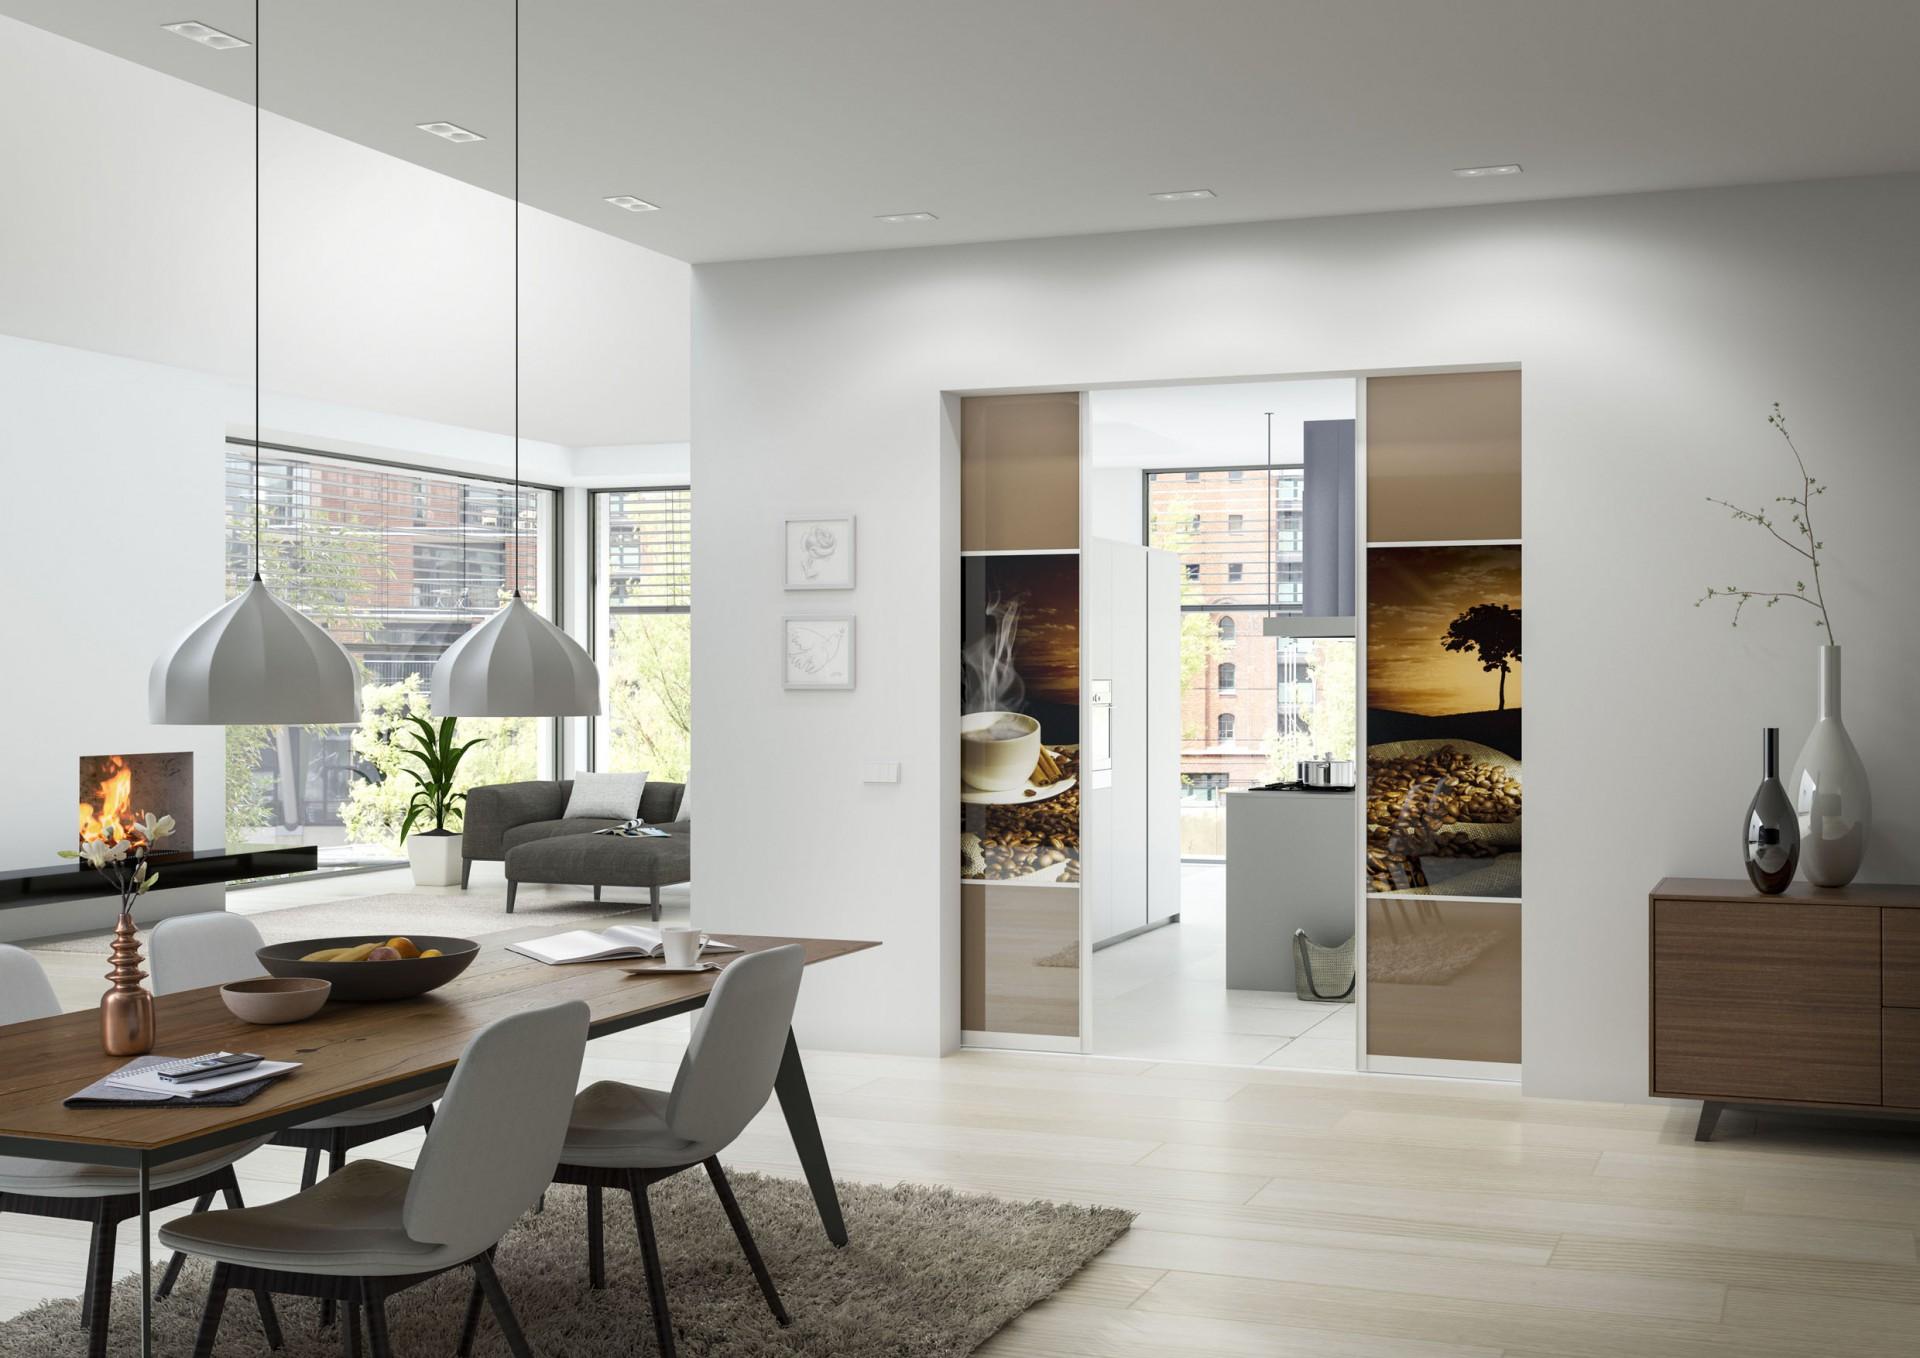 Raumteiler kuche esszimmer bcherregal raumteiler kreative bcherregale schwedisch home offene - Raumteiler kuche esszimmer ...